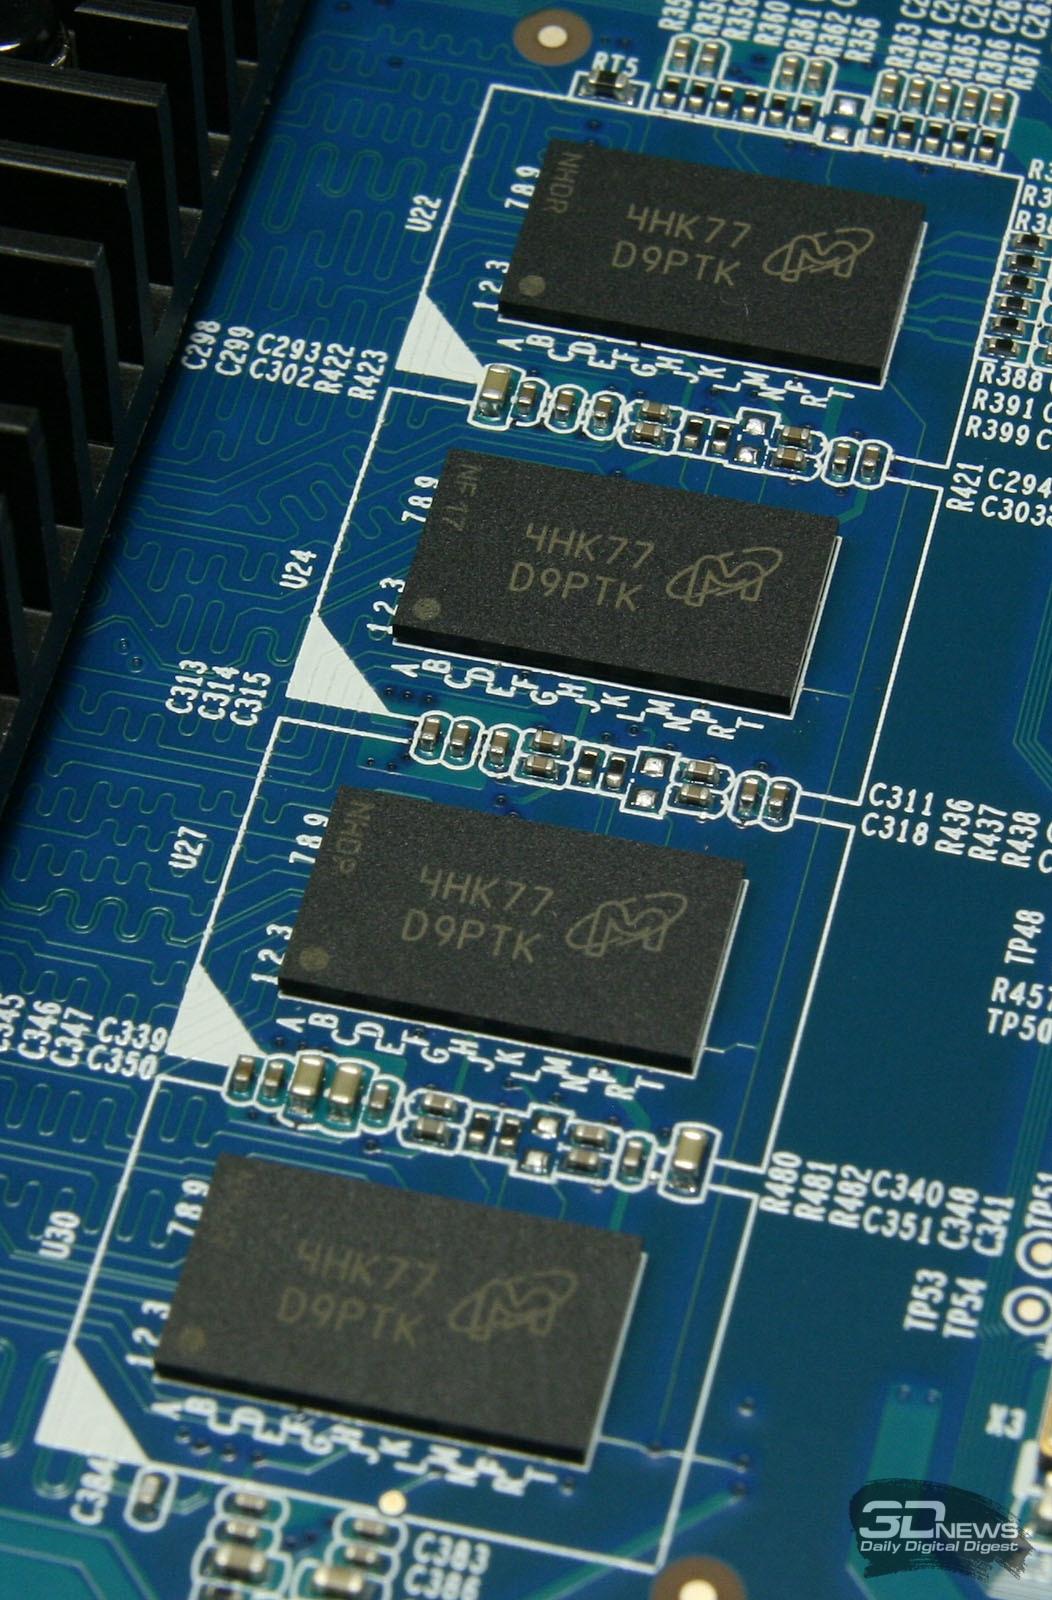 Определение модели контроллера и памяти флешки  USBDevru